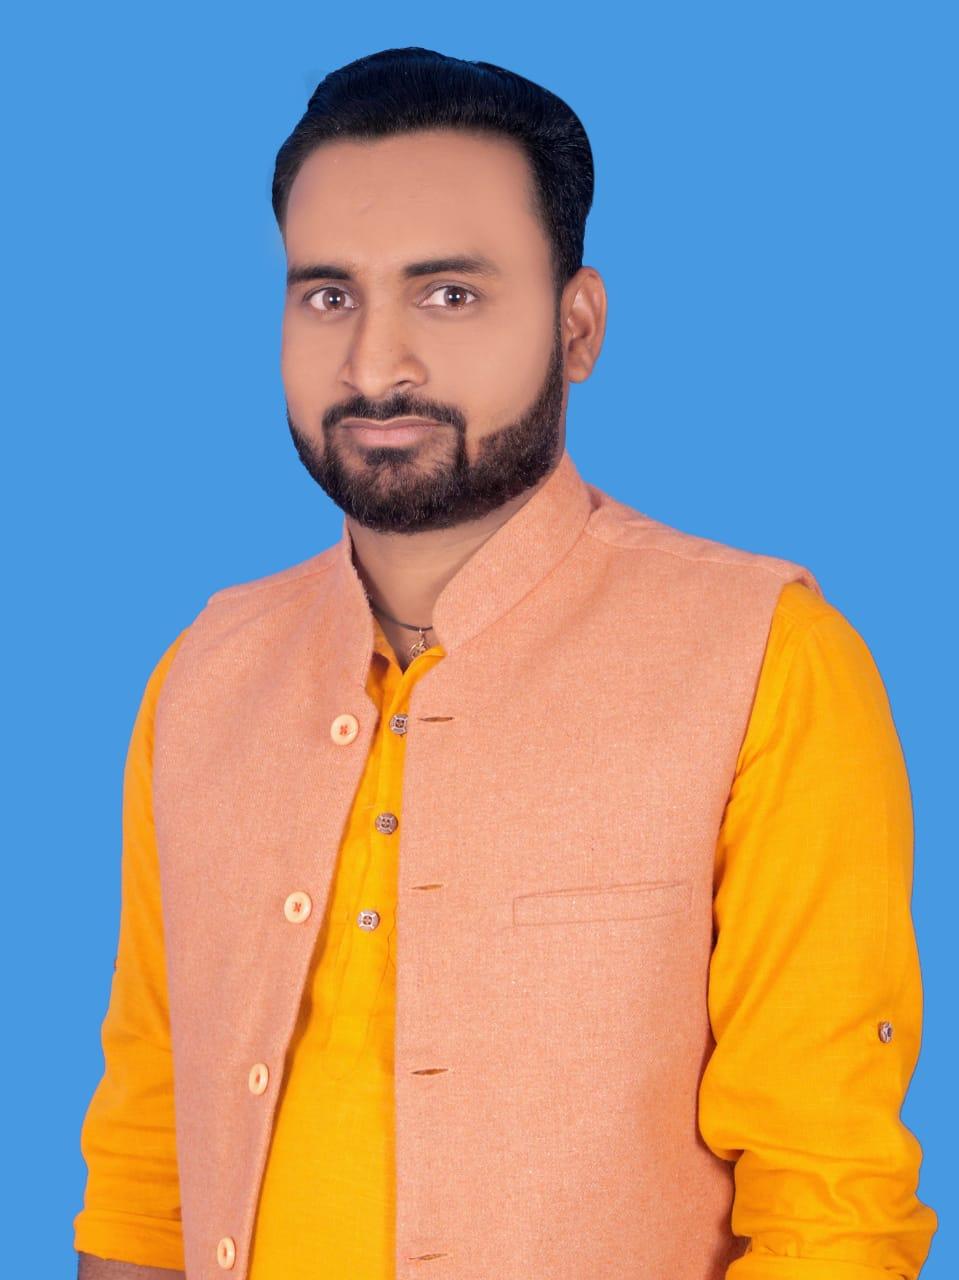 जिला अध्यक्ष नाथू सिंह पटेल महाराजगंज के द्वारा  शैलेंद्र गुप्ता को जिला सचिव युवा मंच नियुक्त किया गया